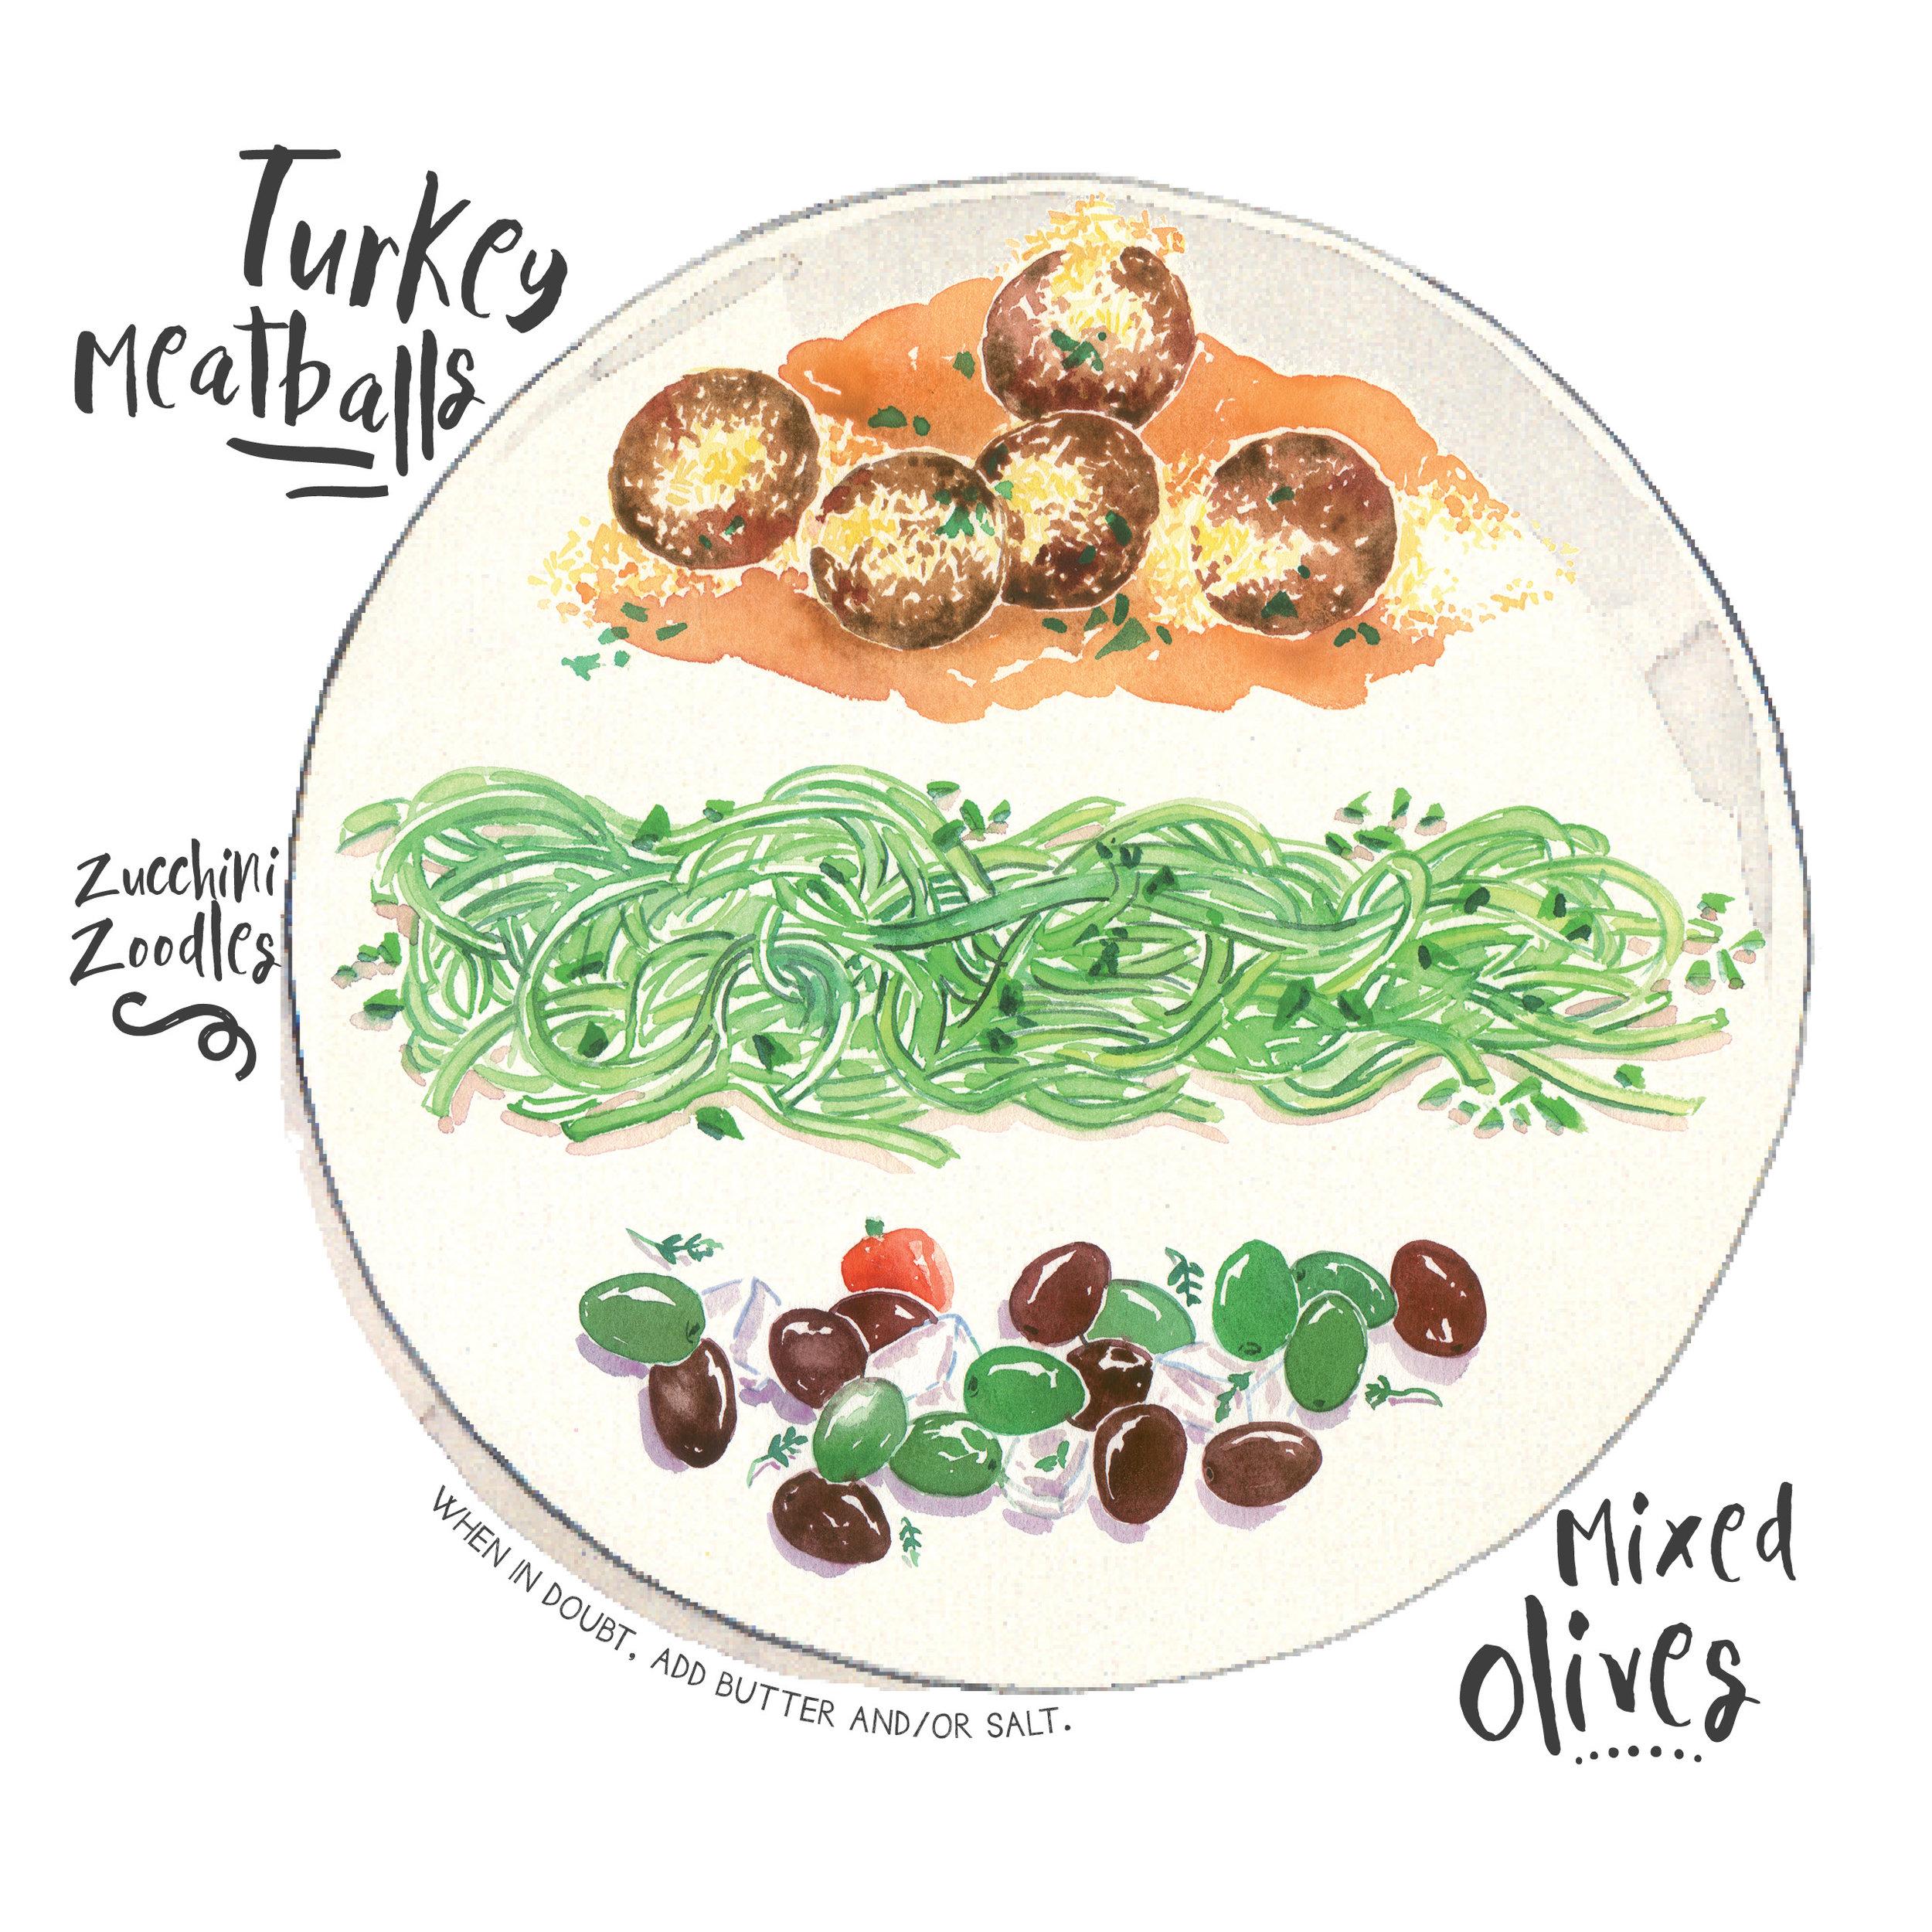 meatballs zoodles olives.jpg